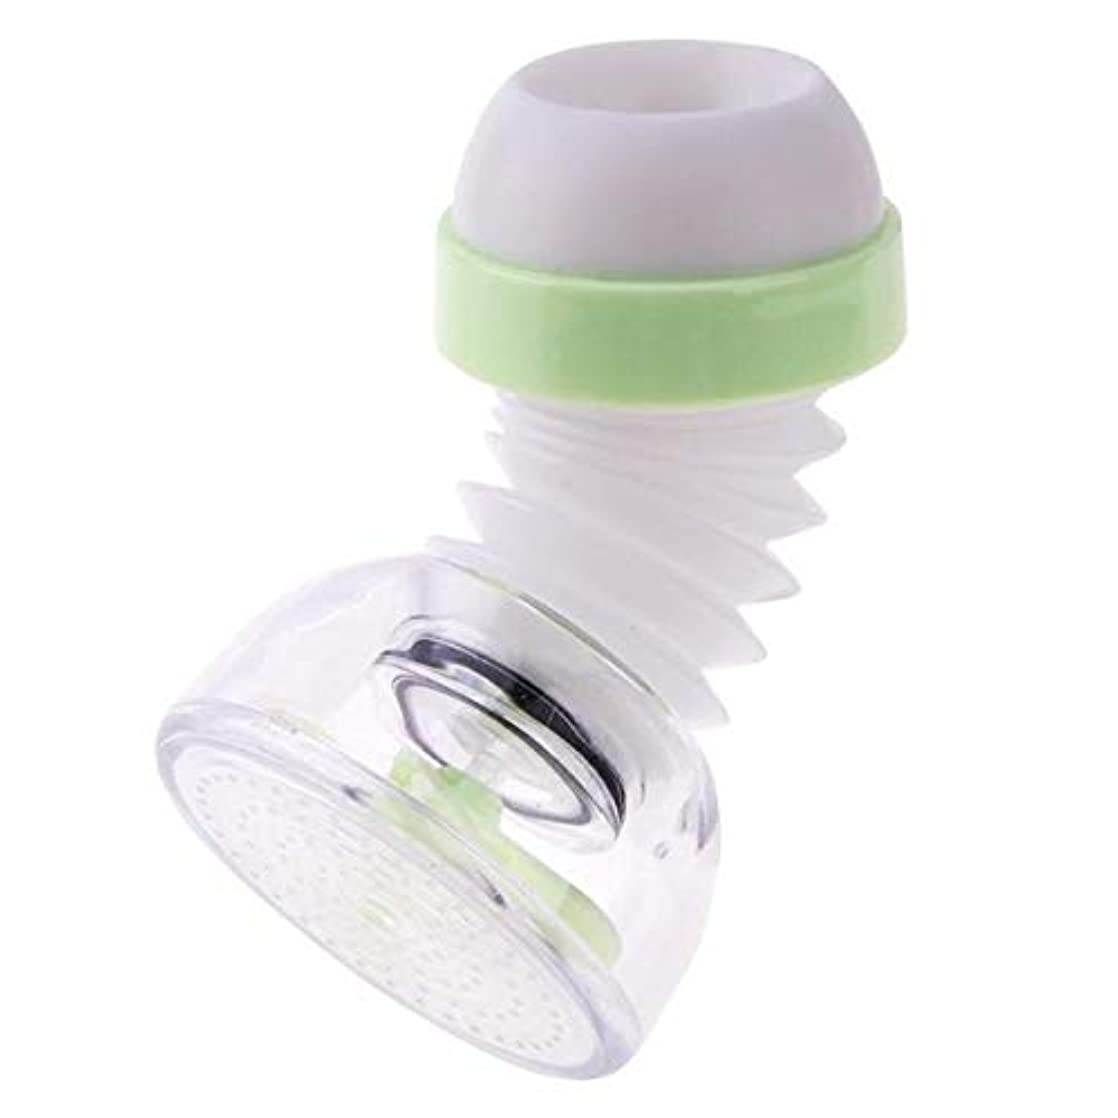 元のブラストキラウエア山boxiangxu Rotatable Water Bubbler Swivel Head Water Saving Faucet Aerator Nozzle Tap Adapter Device With Swivel...